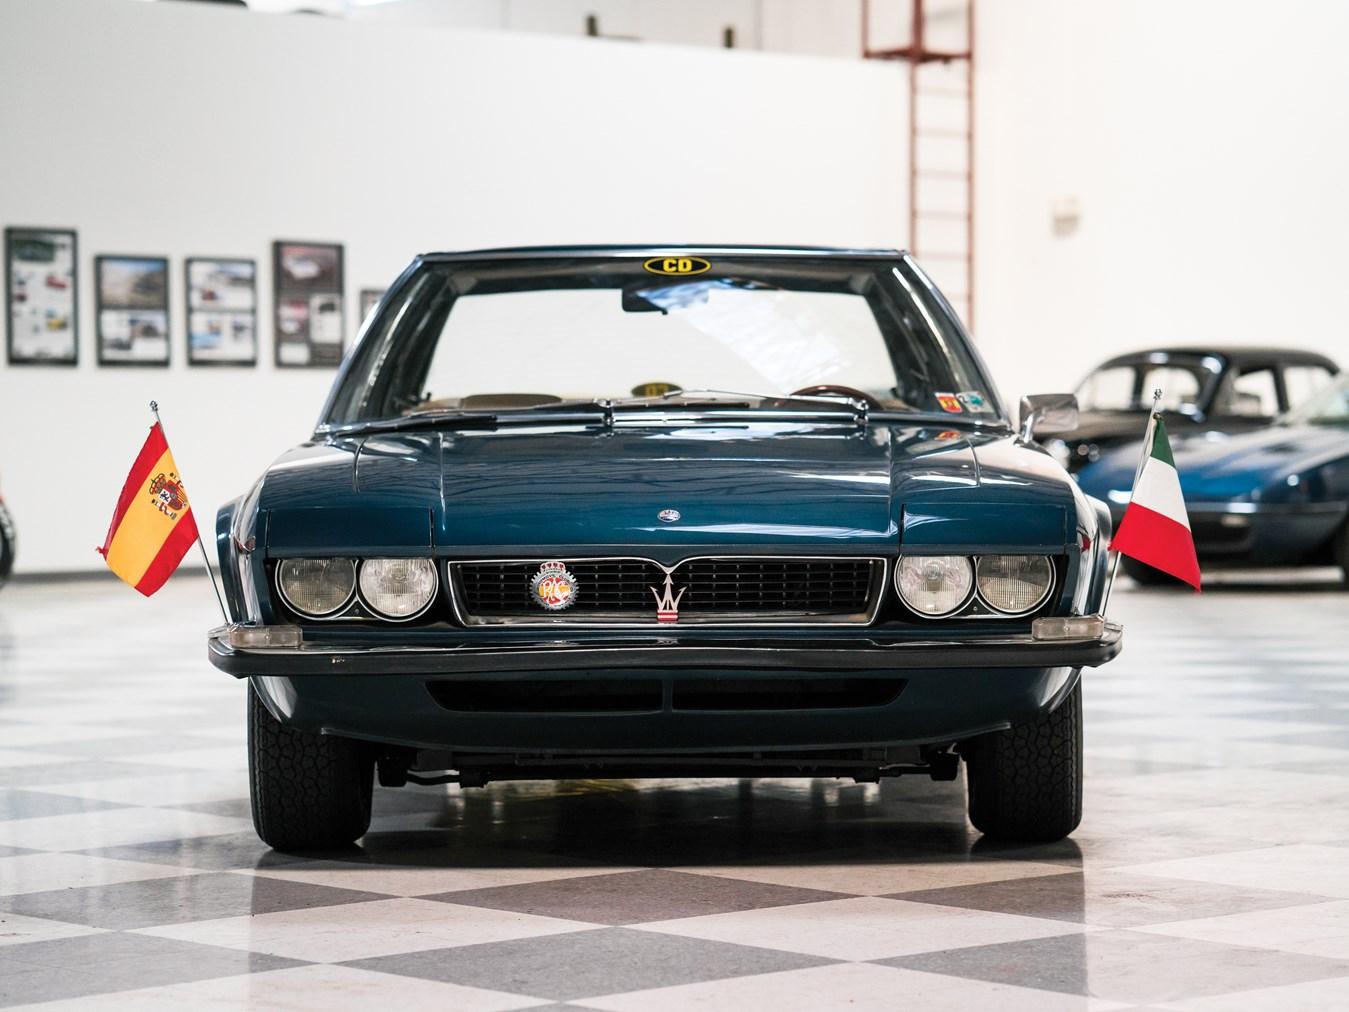 1971 Maserati Quattroporte Prototipo by Frua